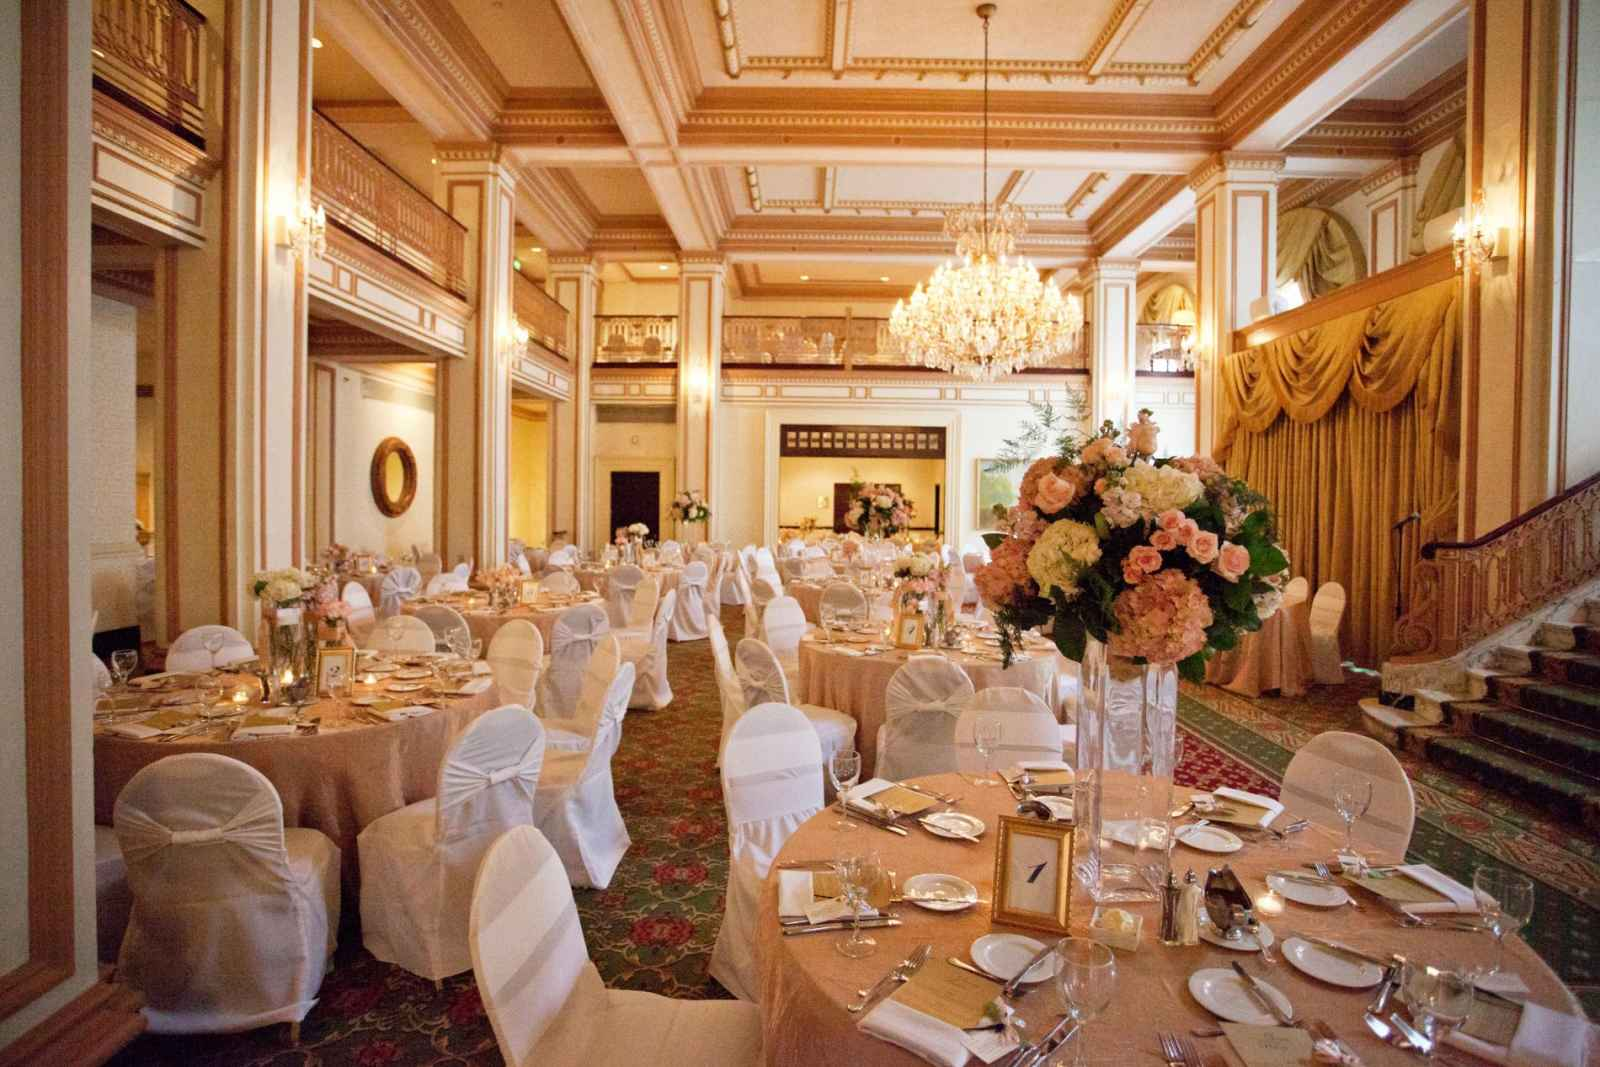 Banquet Halls Ballrooms & Hotels Classic